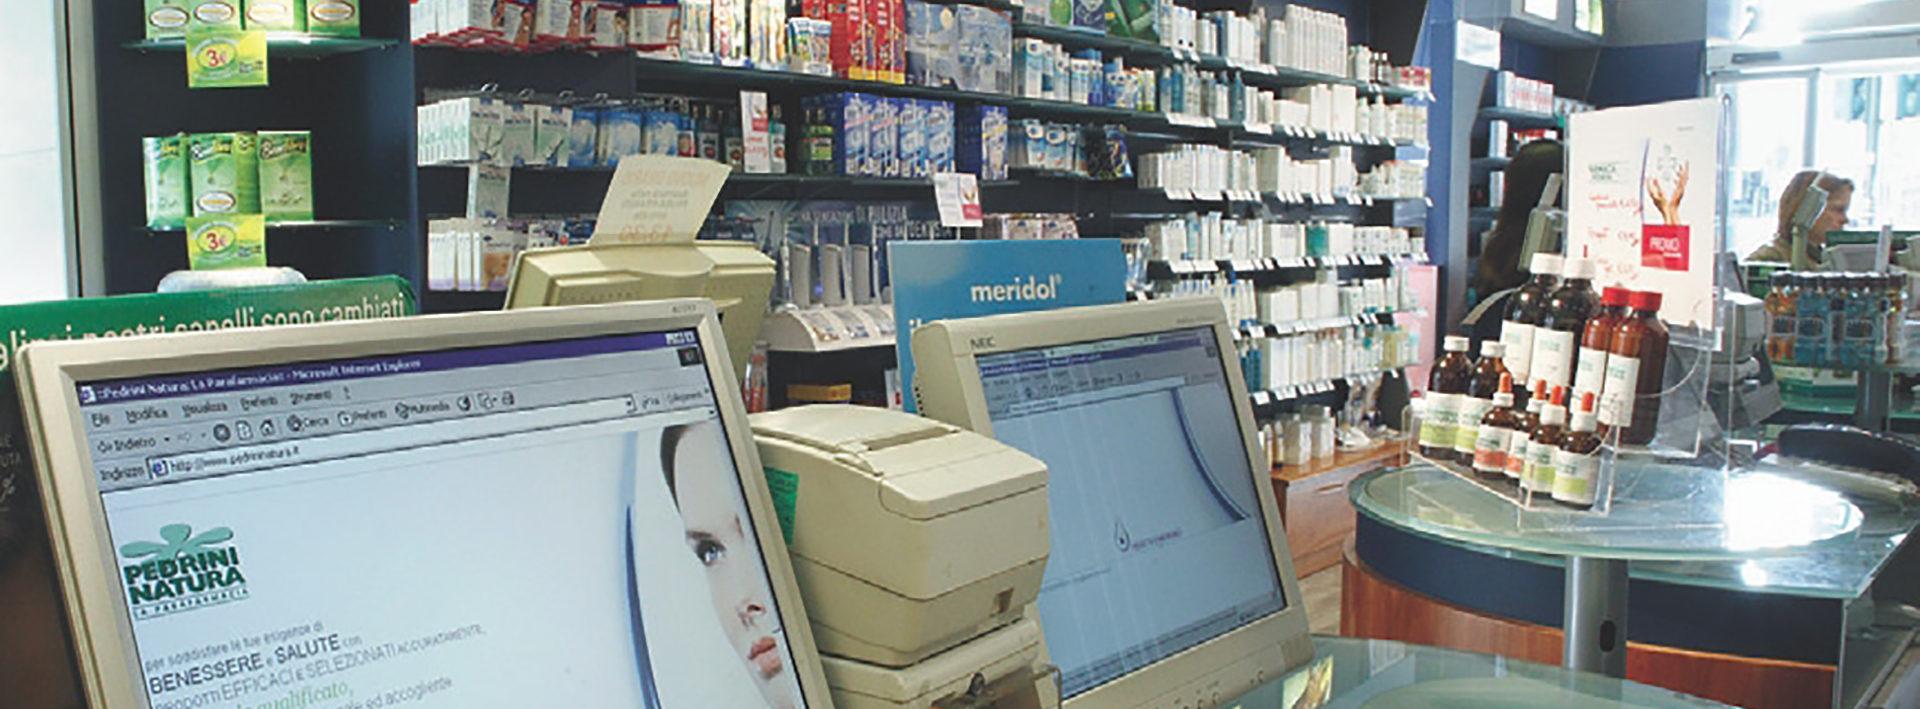 Pedrini Farmacia Italia Straordinaria Guida Citta Italiane